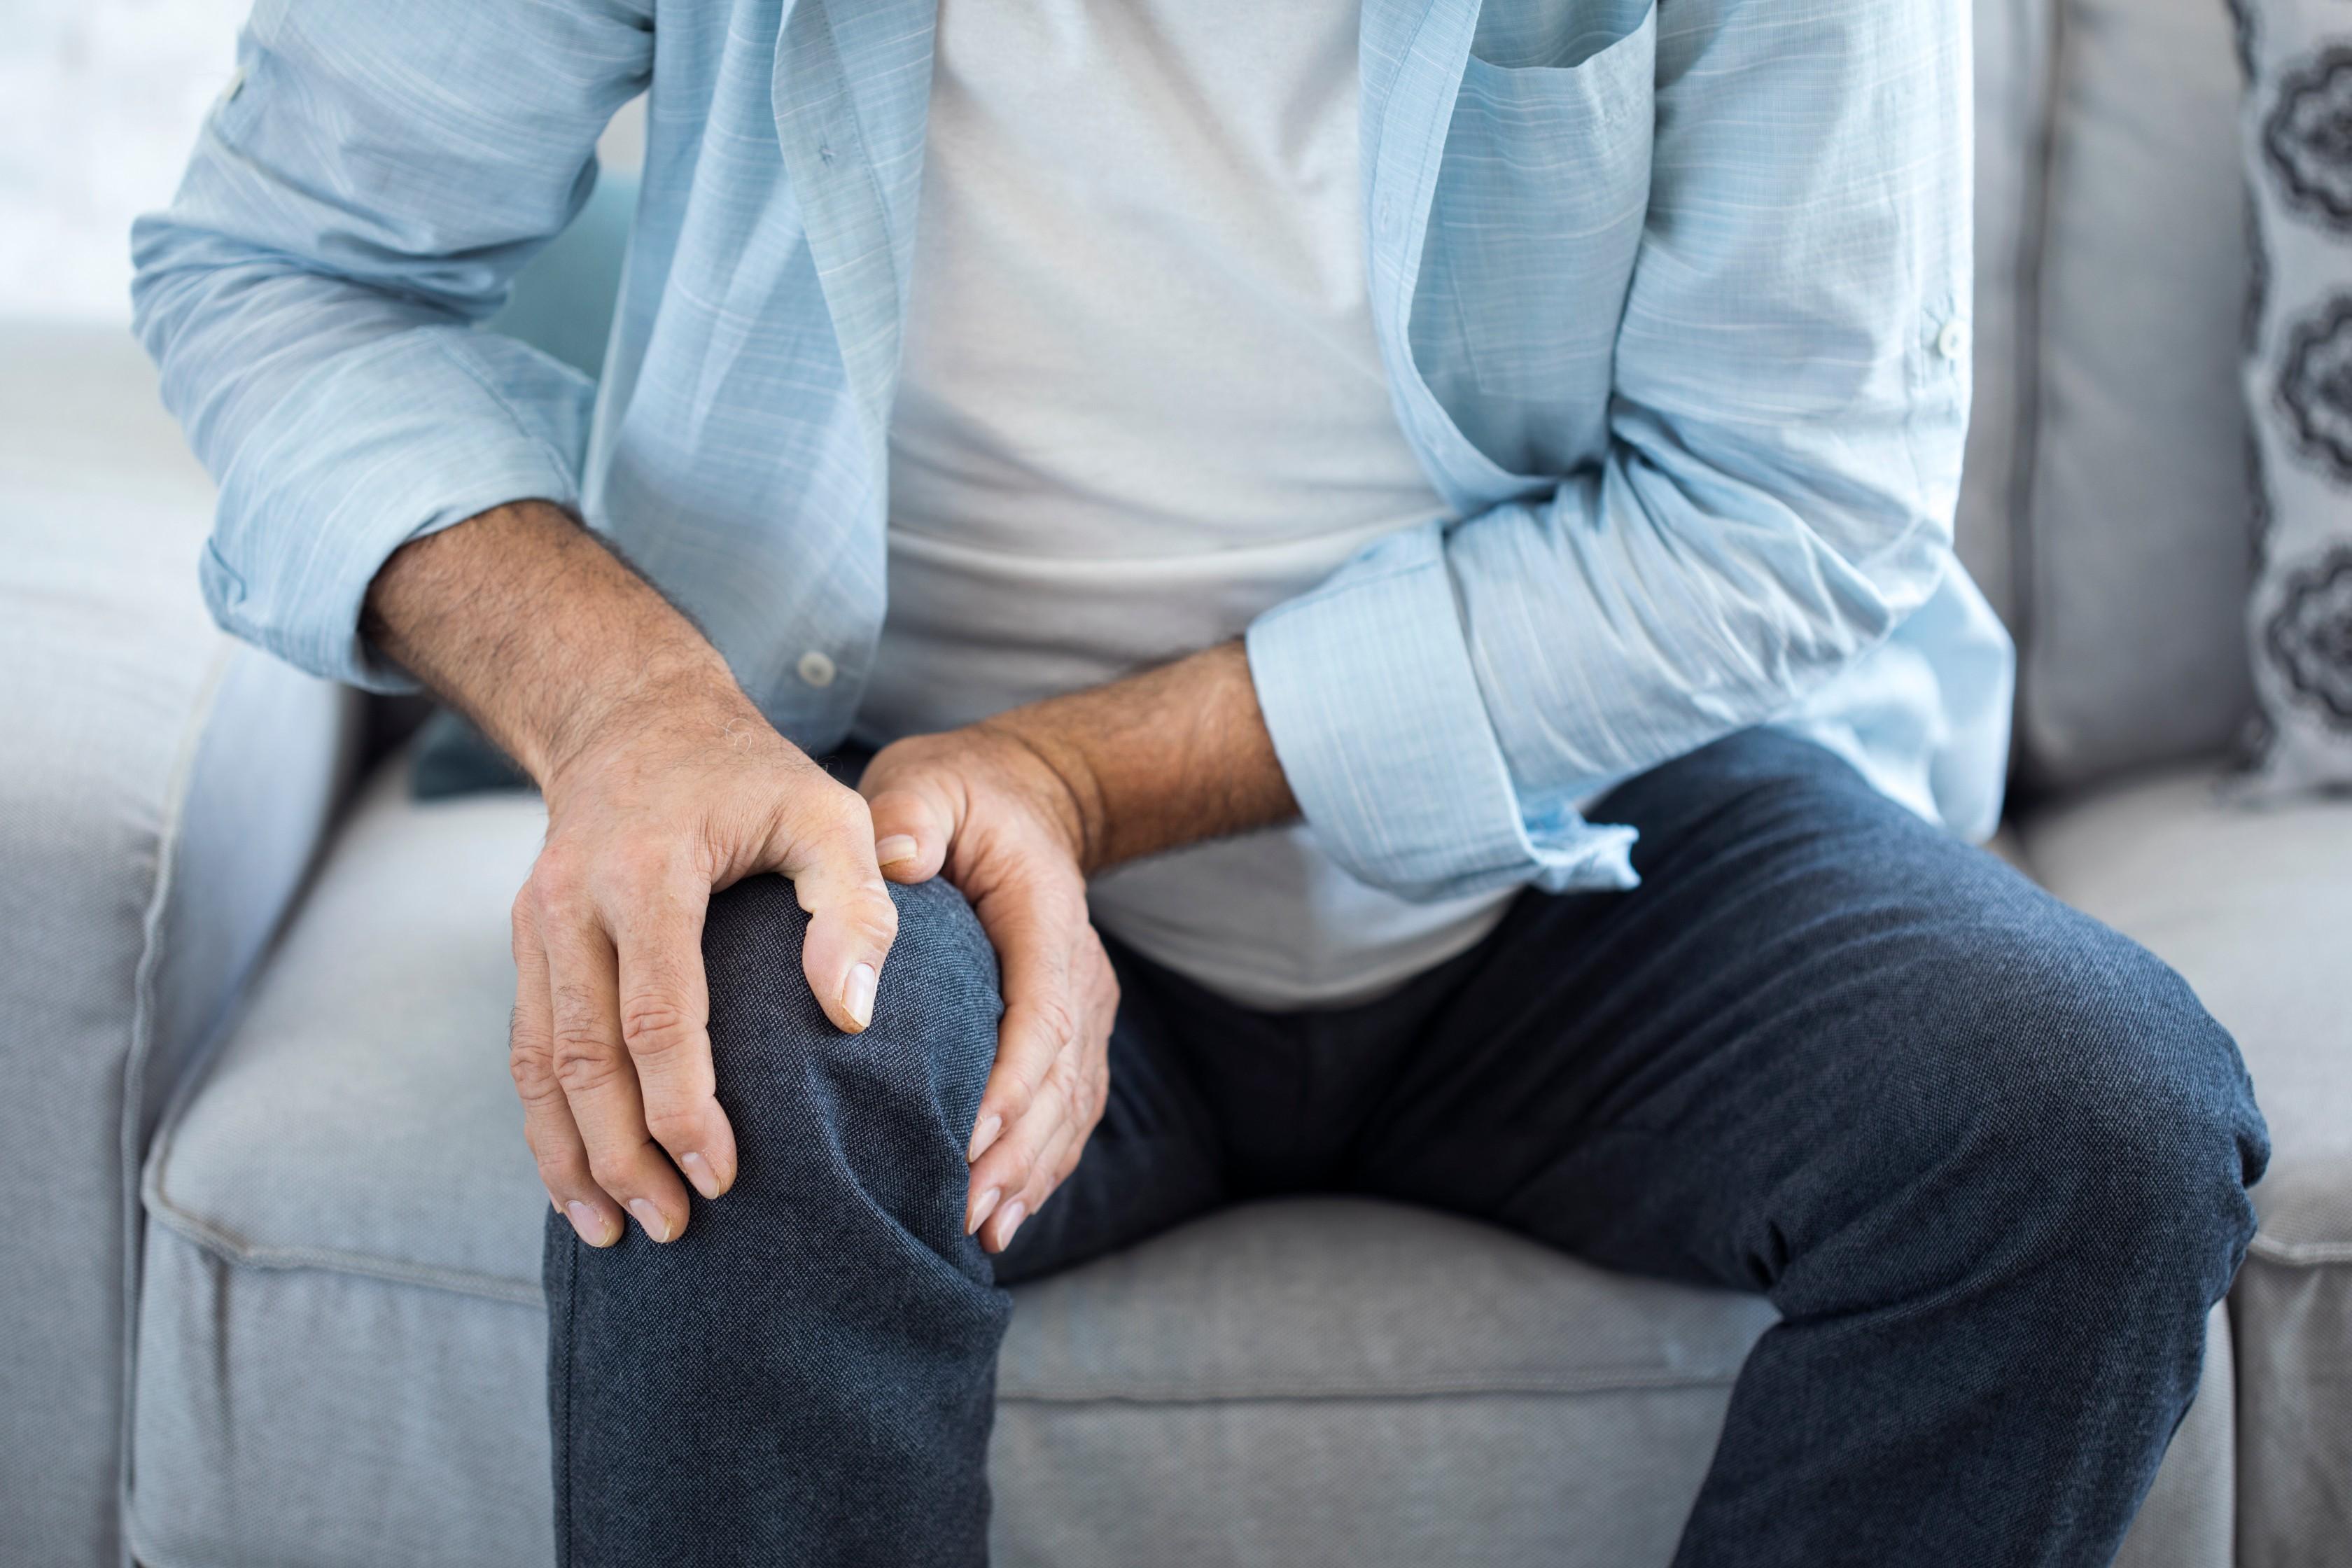 térdfájdalom onkológia a csípőízület bilaterális artrózisa